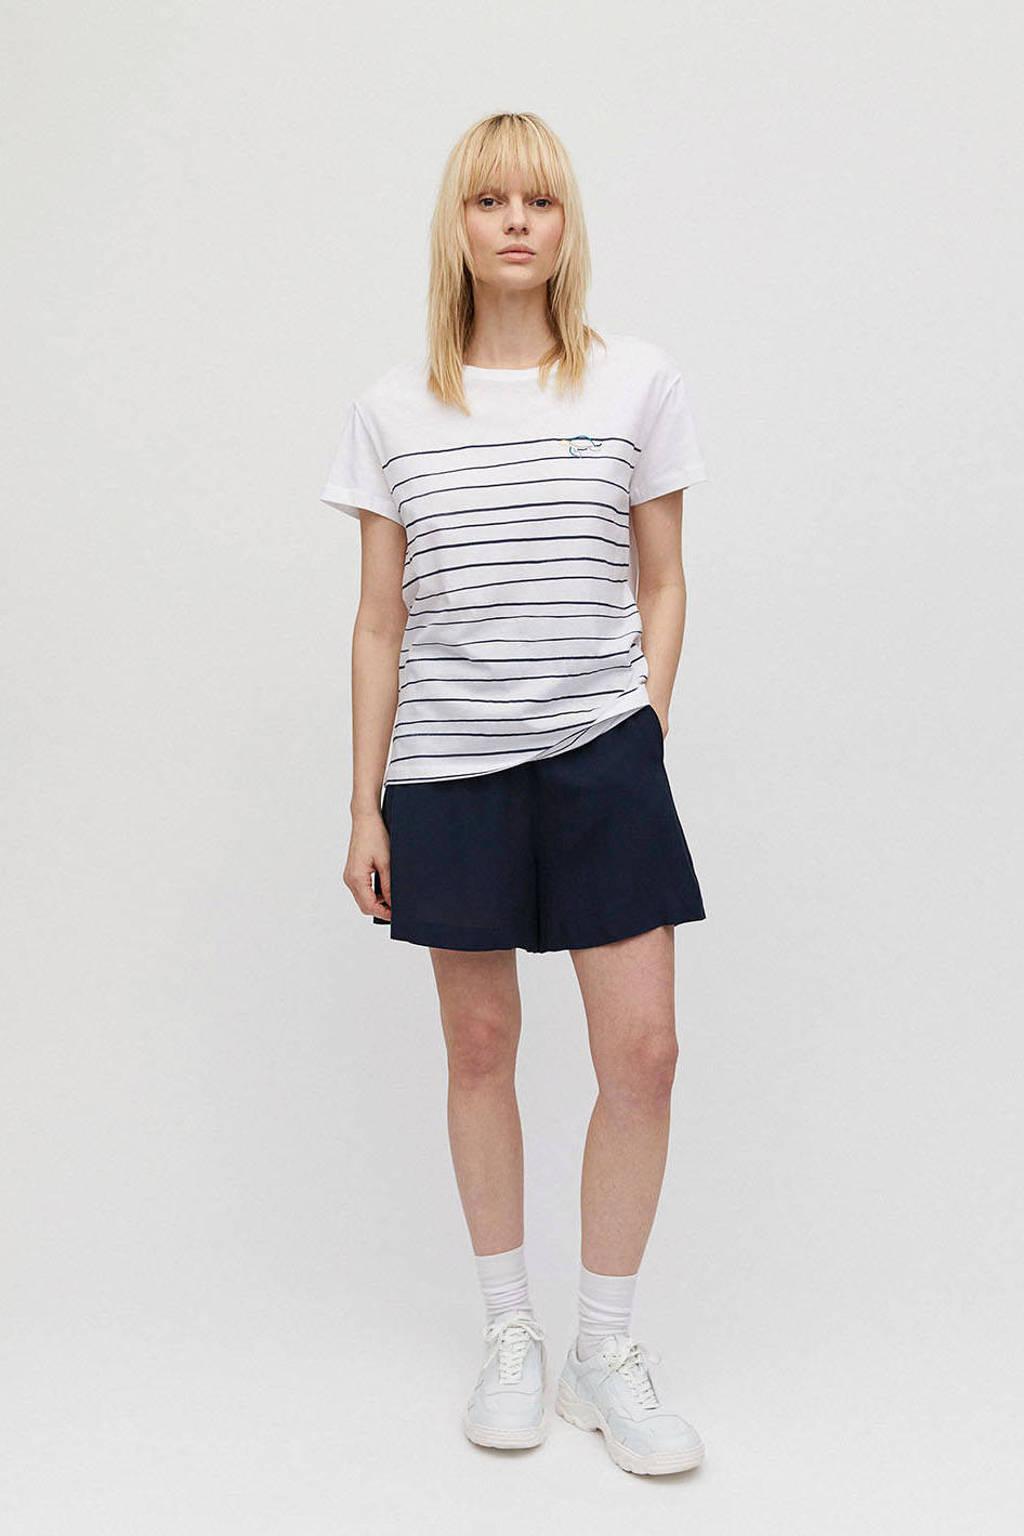 ARMEDANGELS gestreept T-shirt Nelaa Turtle van biologisch katoen wit/ donkerblauw, Wit/ donkerblauw